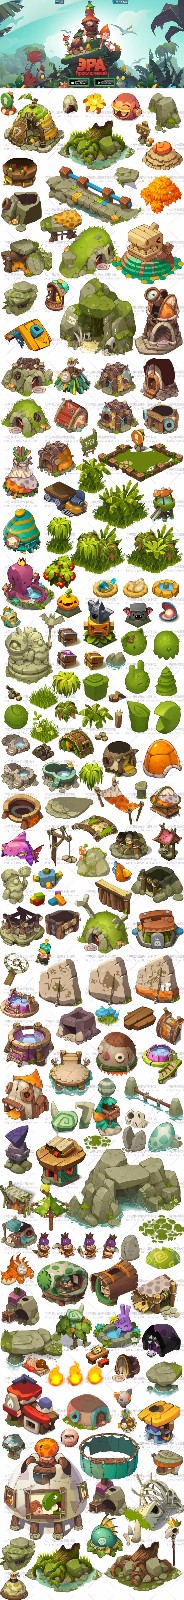 小清新游戏素材设计 图库